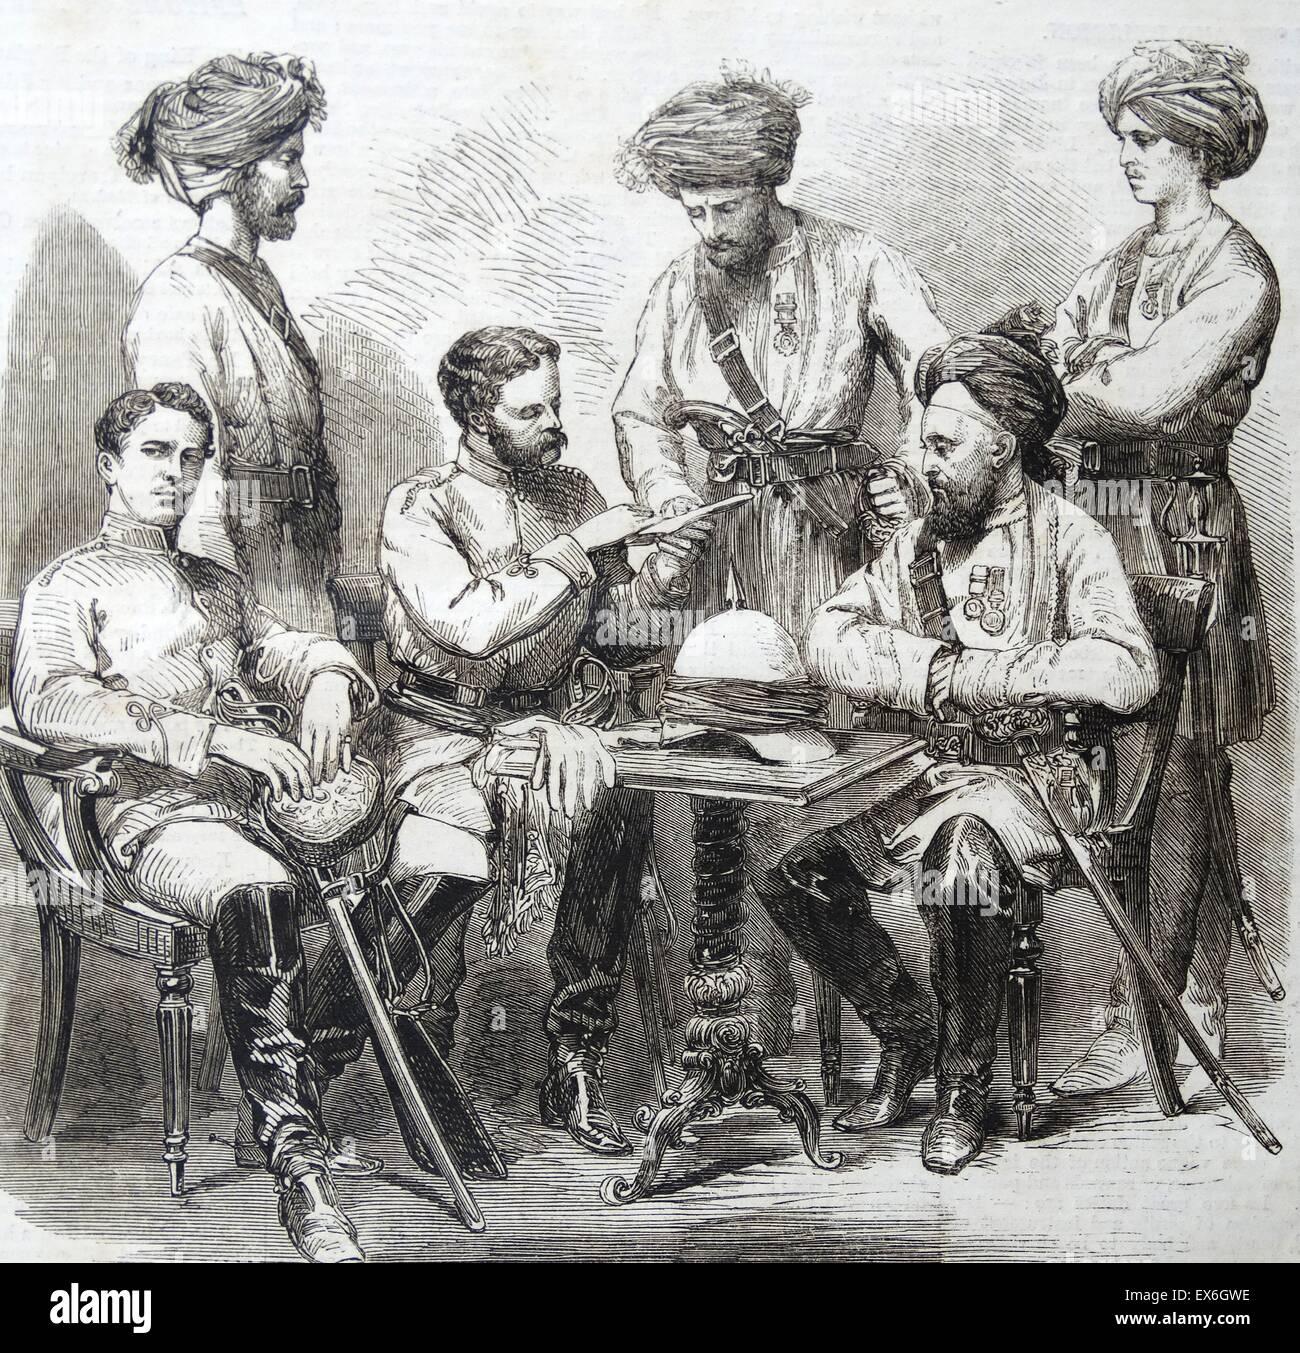 Gravure représentant les agents britanniques et les Autochtones de la fane's Horse servant en Chine. Datée 1860 Banque D'Images